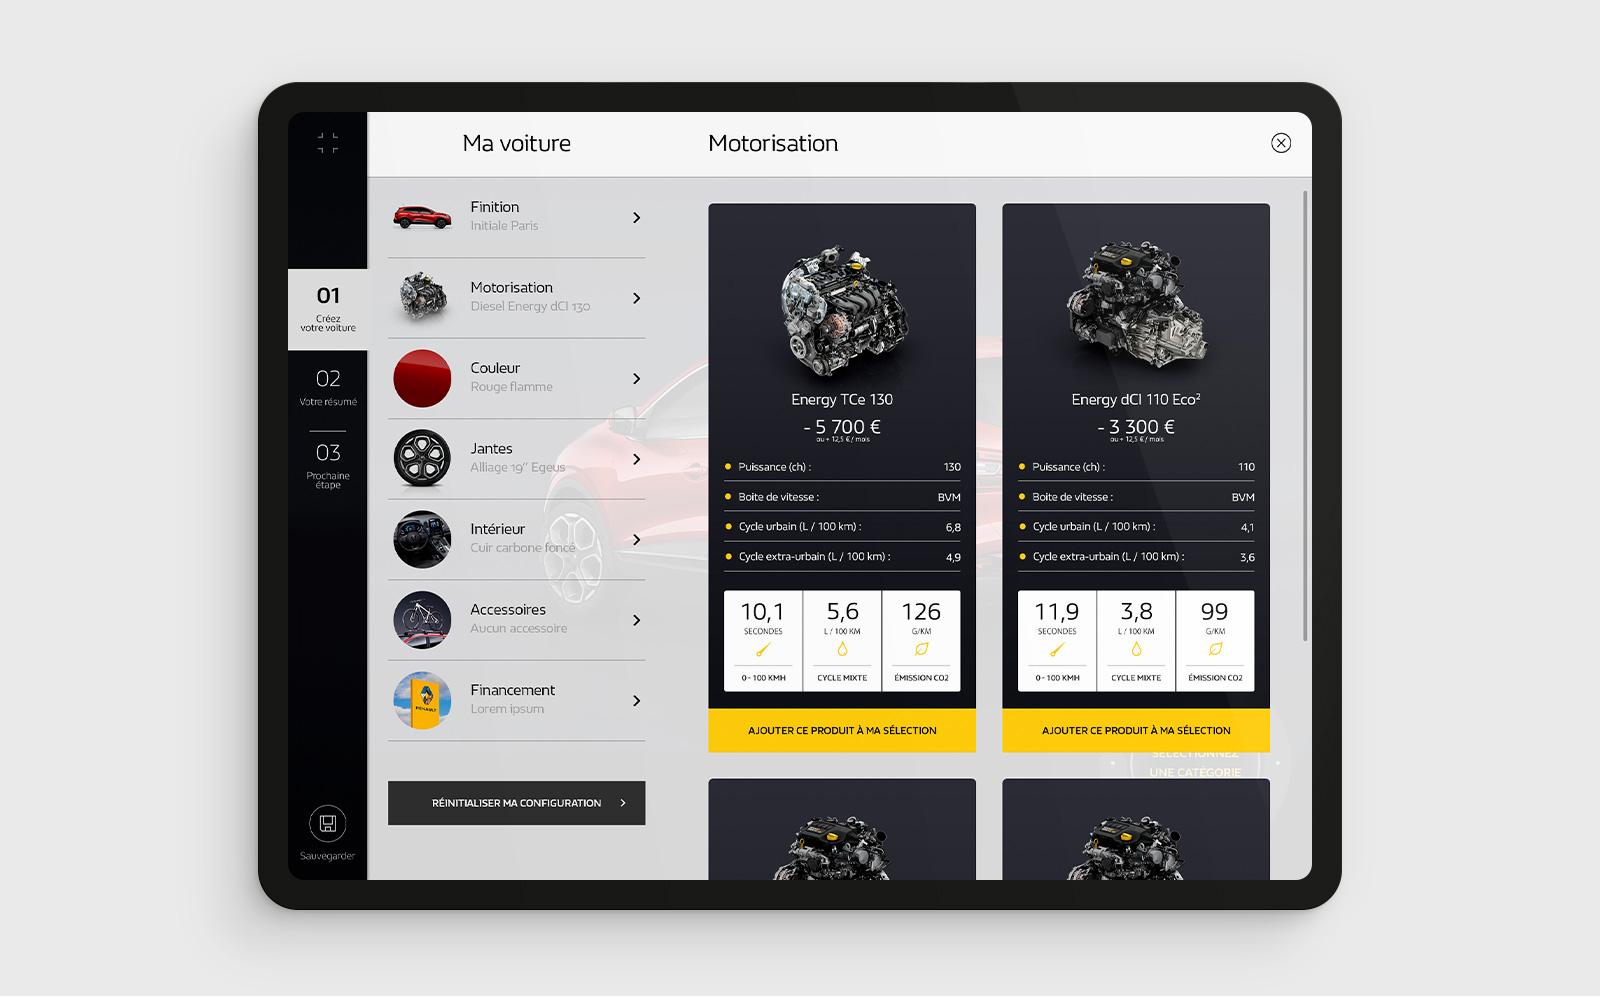 Access' Stories Tablette 01 moteur